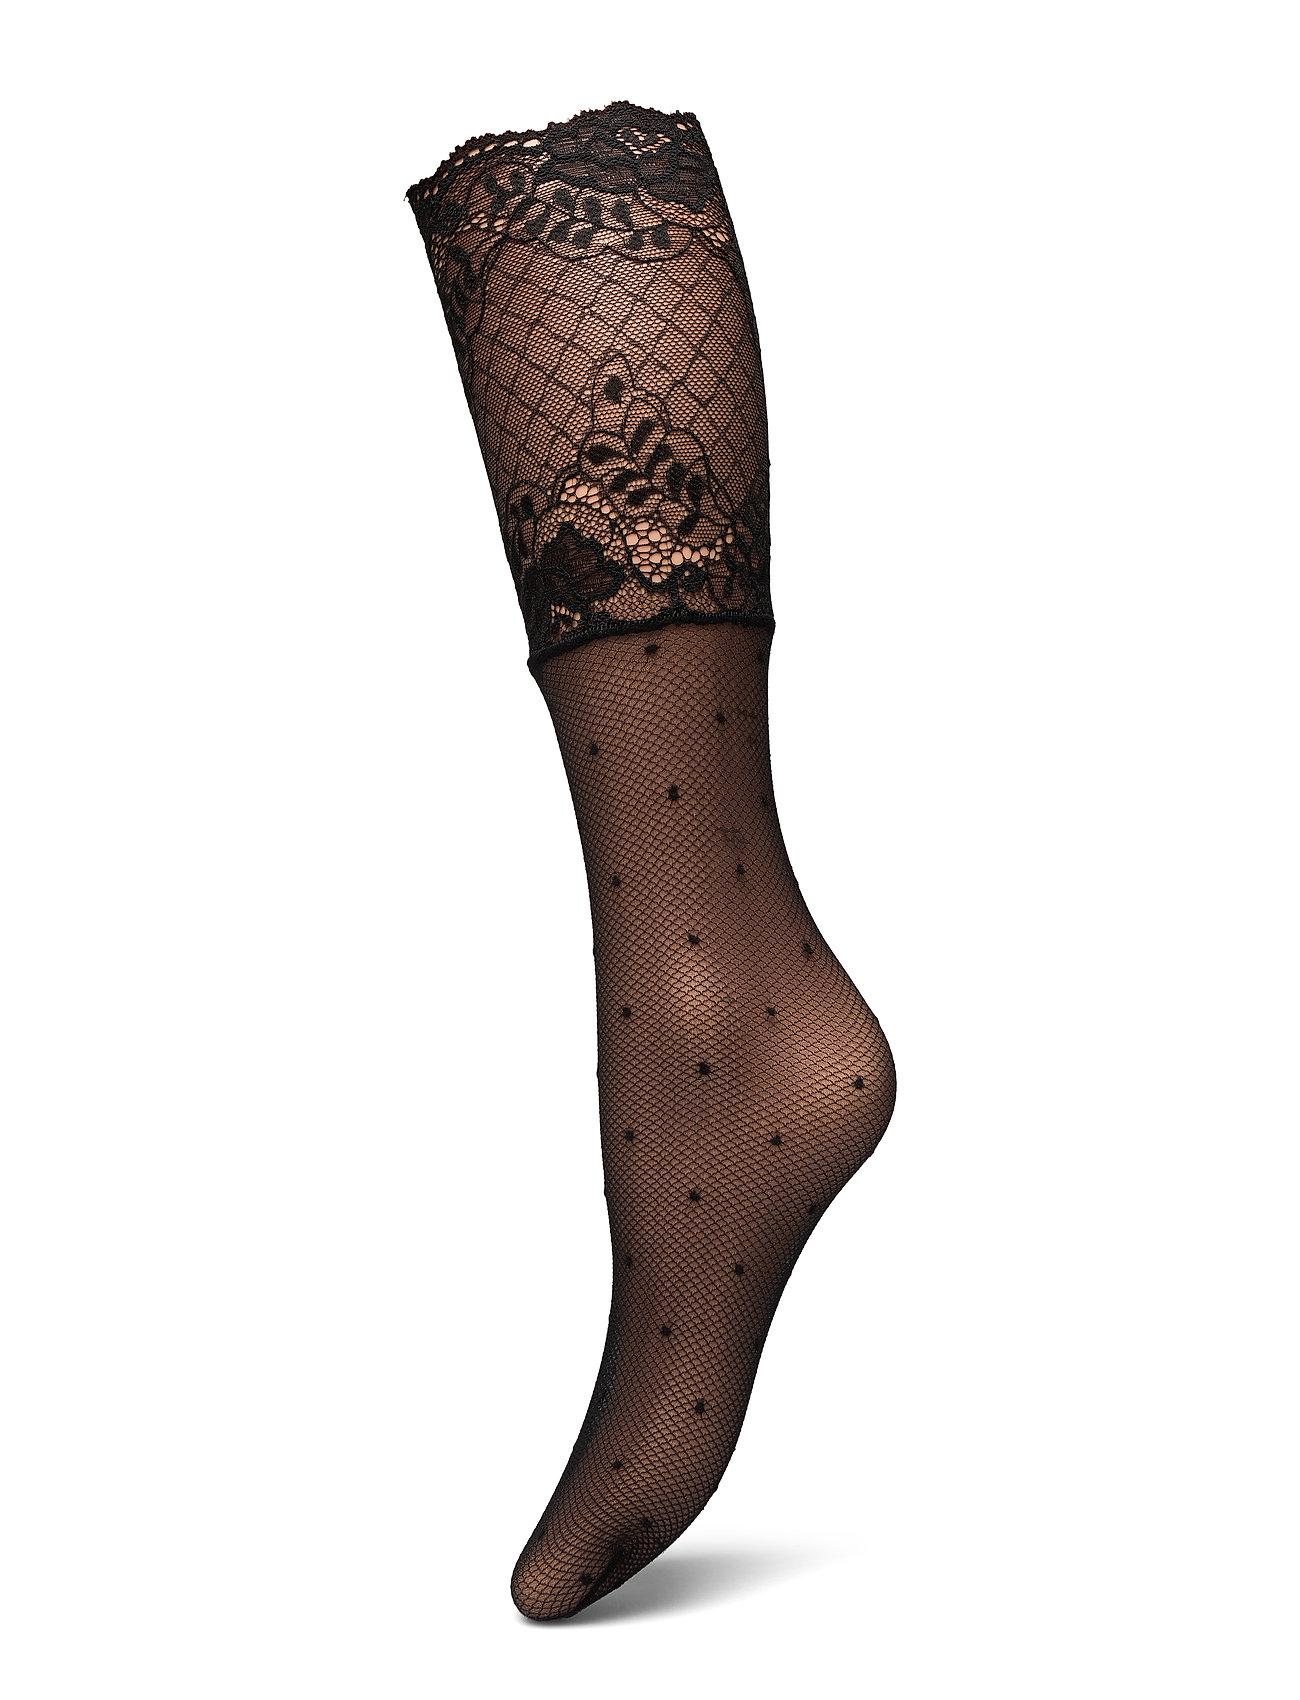 Decoy DECOY ankle sock net w/dots 20 - BLACK